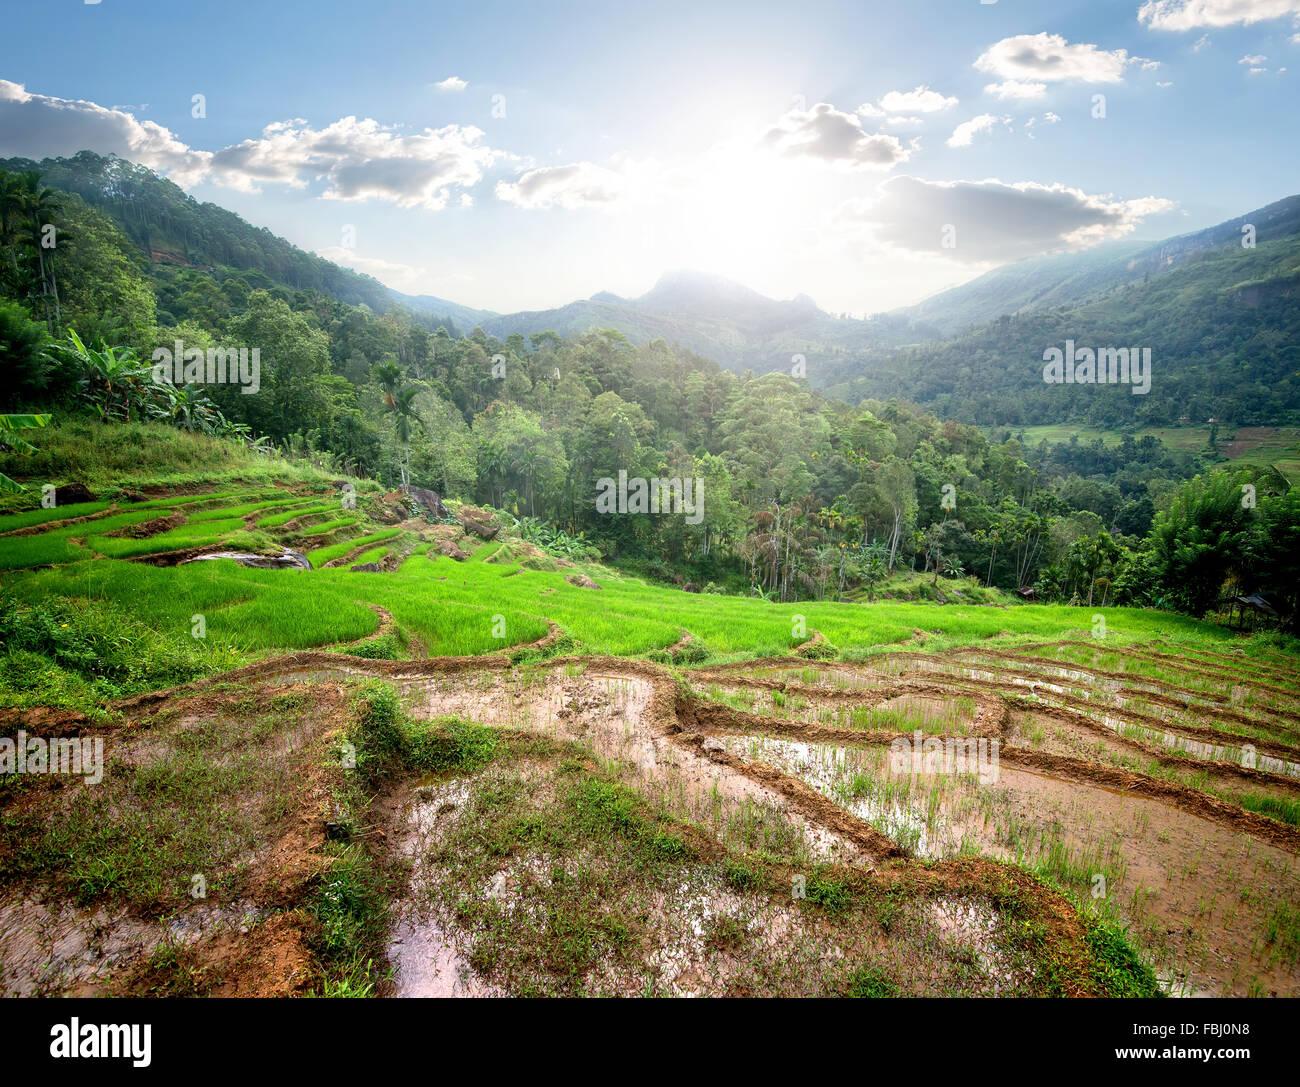 Verdi campi di riso nelle montagne di Sri Lanka Immagini Stock